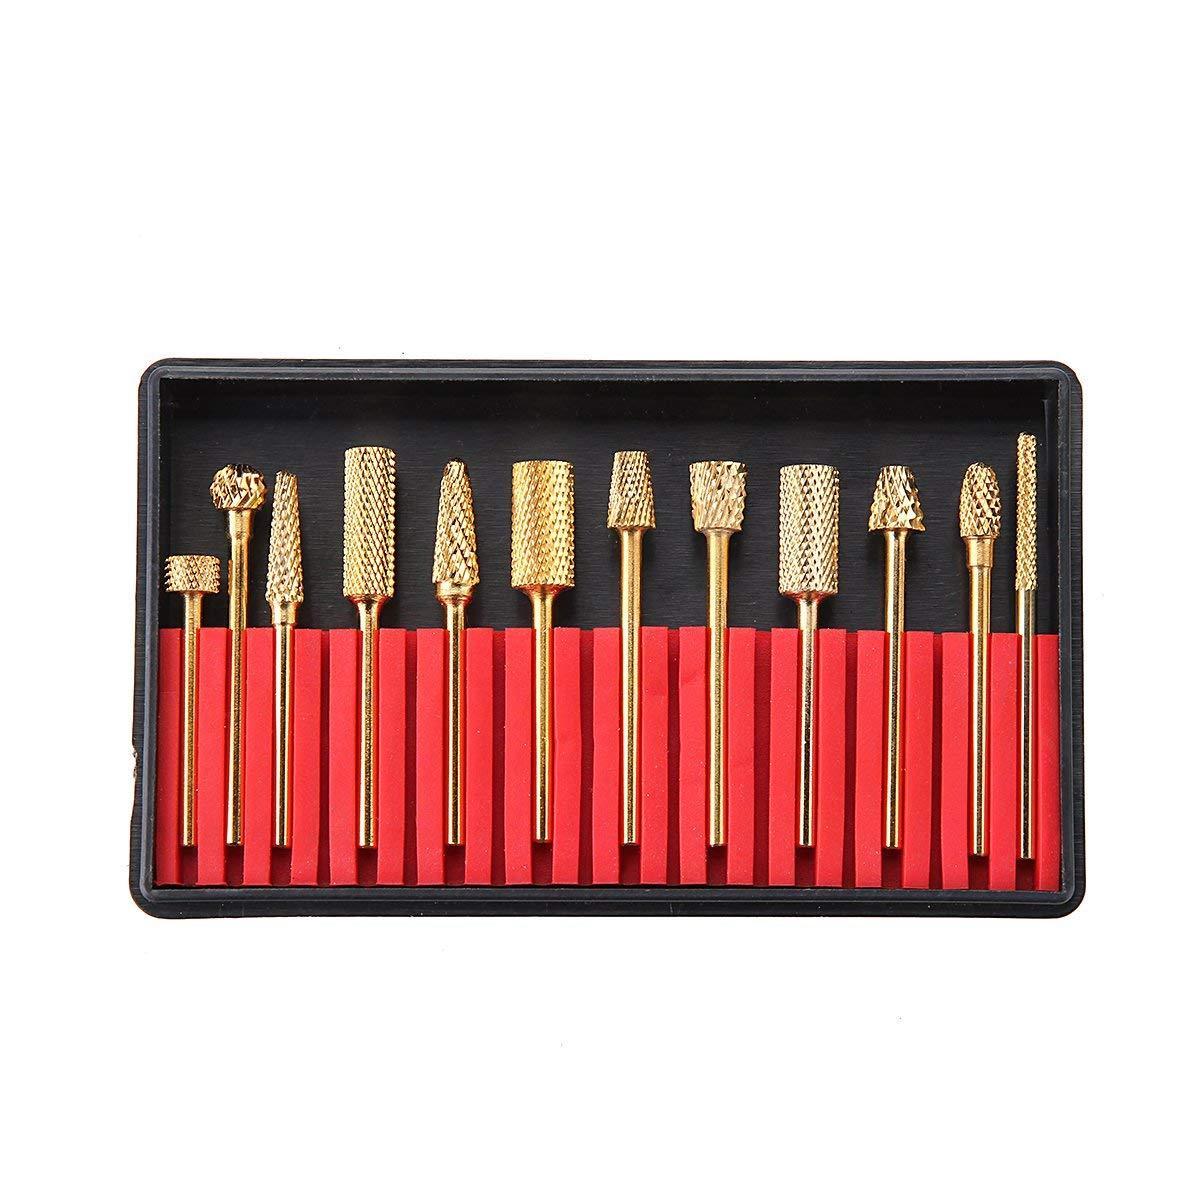 """VamsLuna 12шт золото карбид ногтей сверло набор профессиональных бит инструменты 3/32"""" с футляром для хранения держатель"""